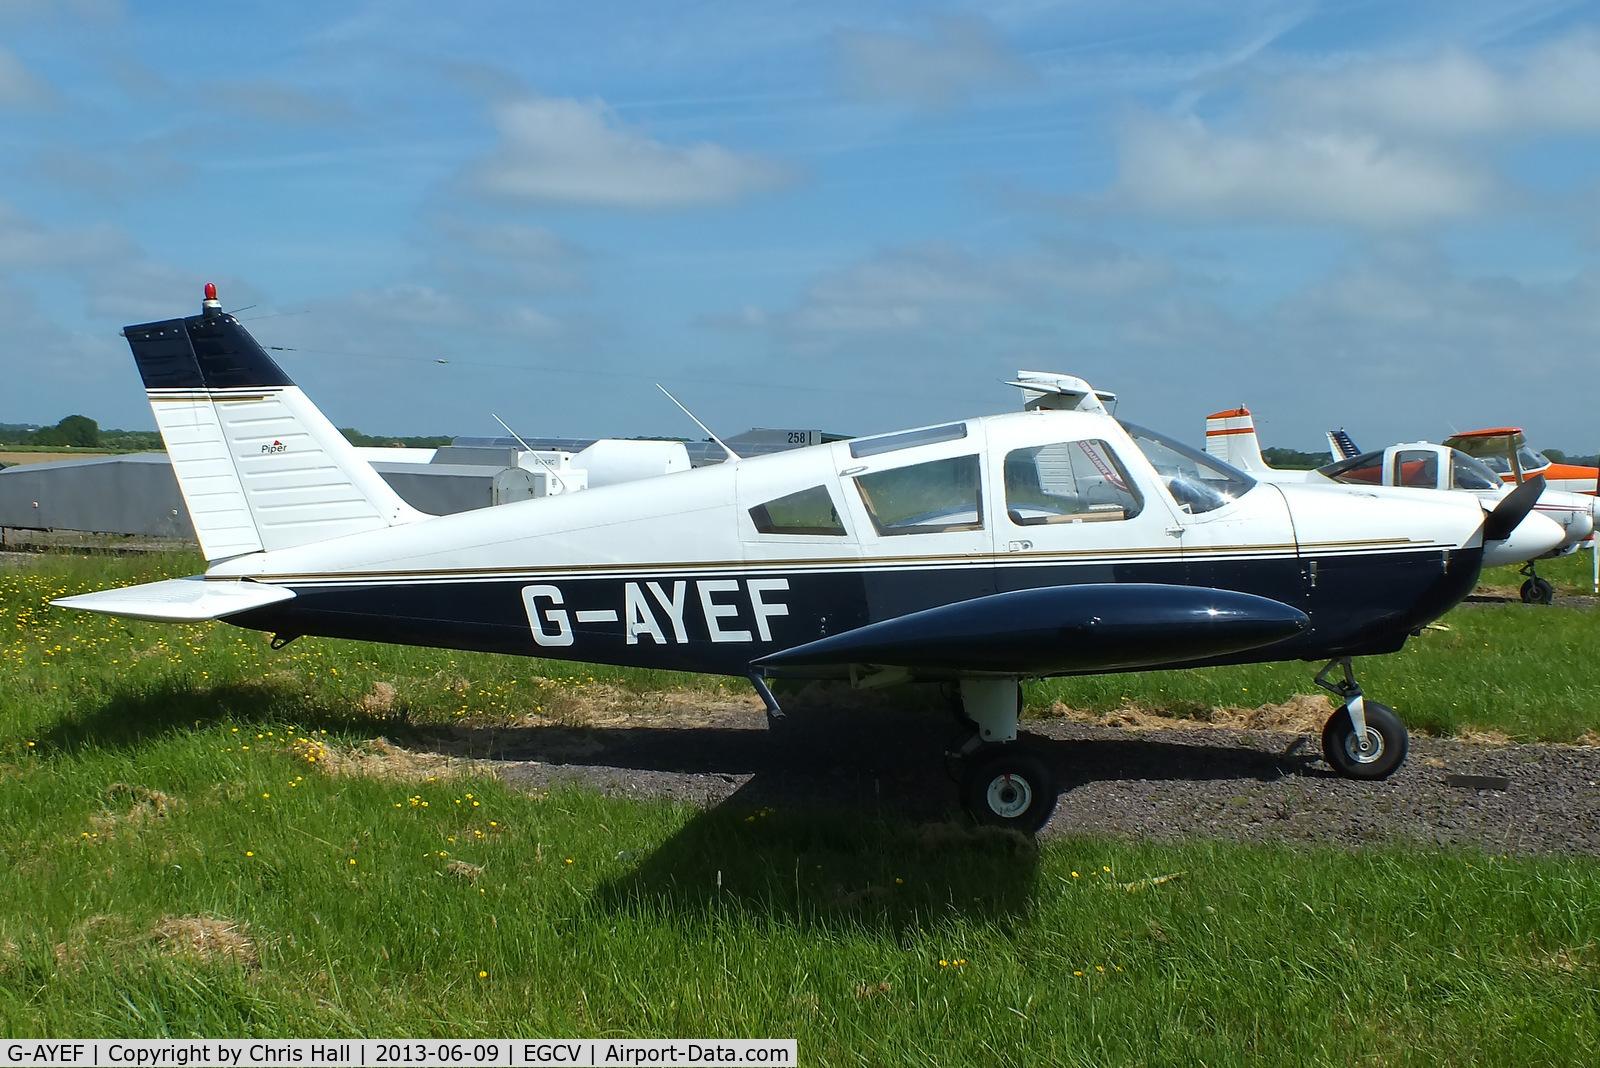 G-AYEF, 1970 Piper PA-28-180 Cherokee C/N 28-5815, Pegasus flying group